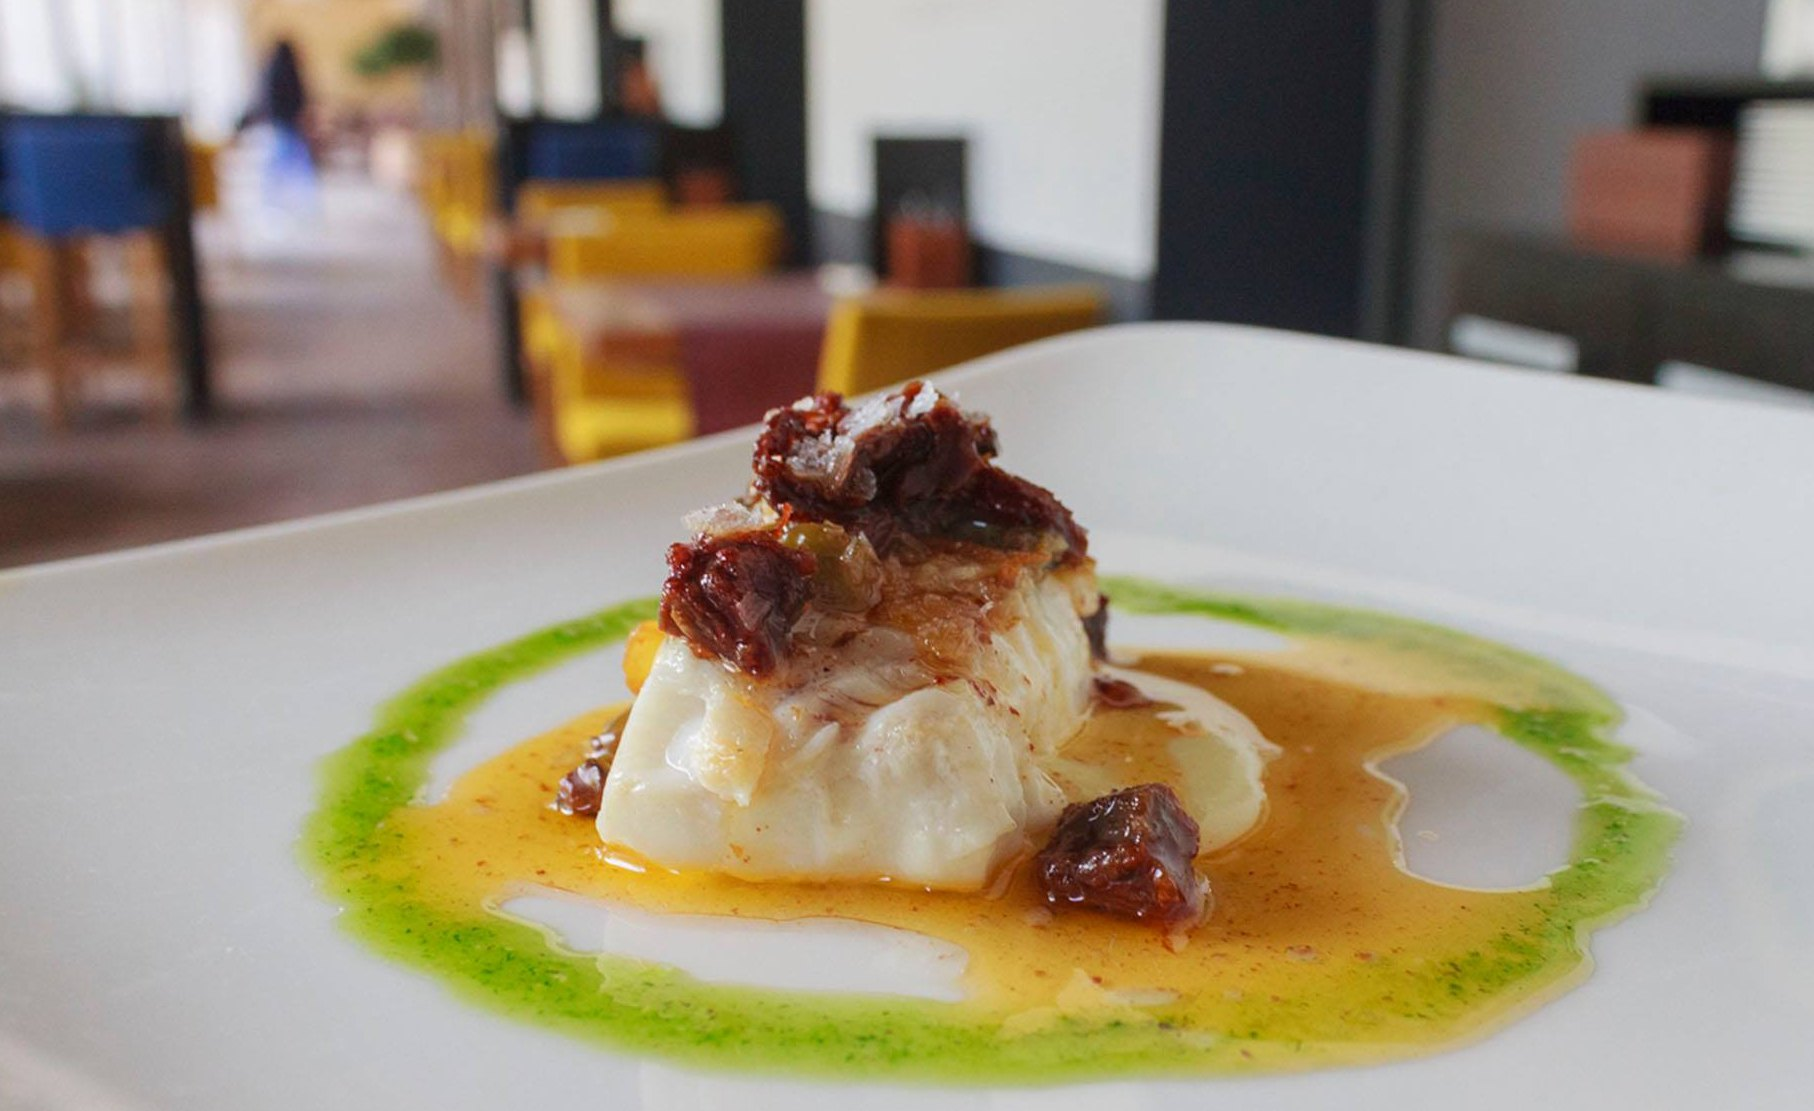 Merluza con tomate seco y pistacho. Foto: Facebook Taberna de Joseba Añorga